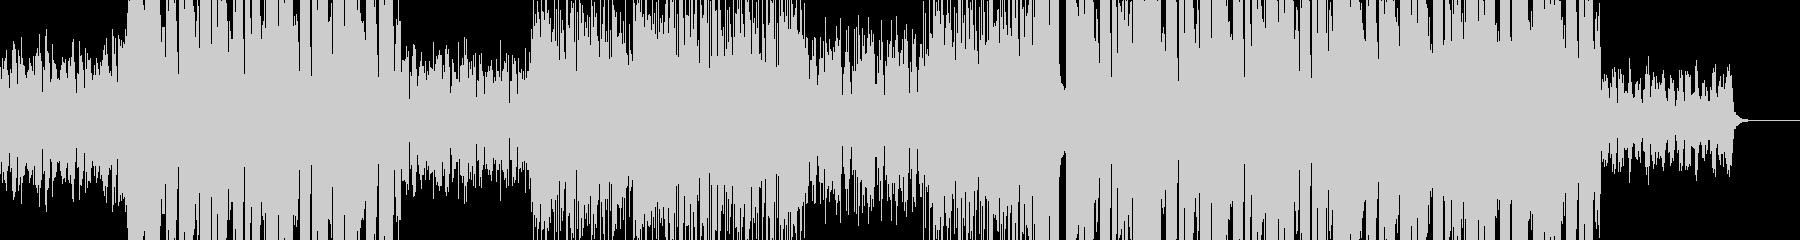 切ないピアノFutureBass/EDMの未再生の波形